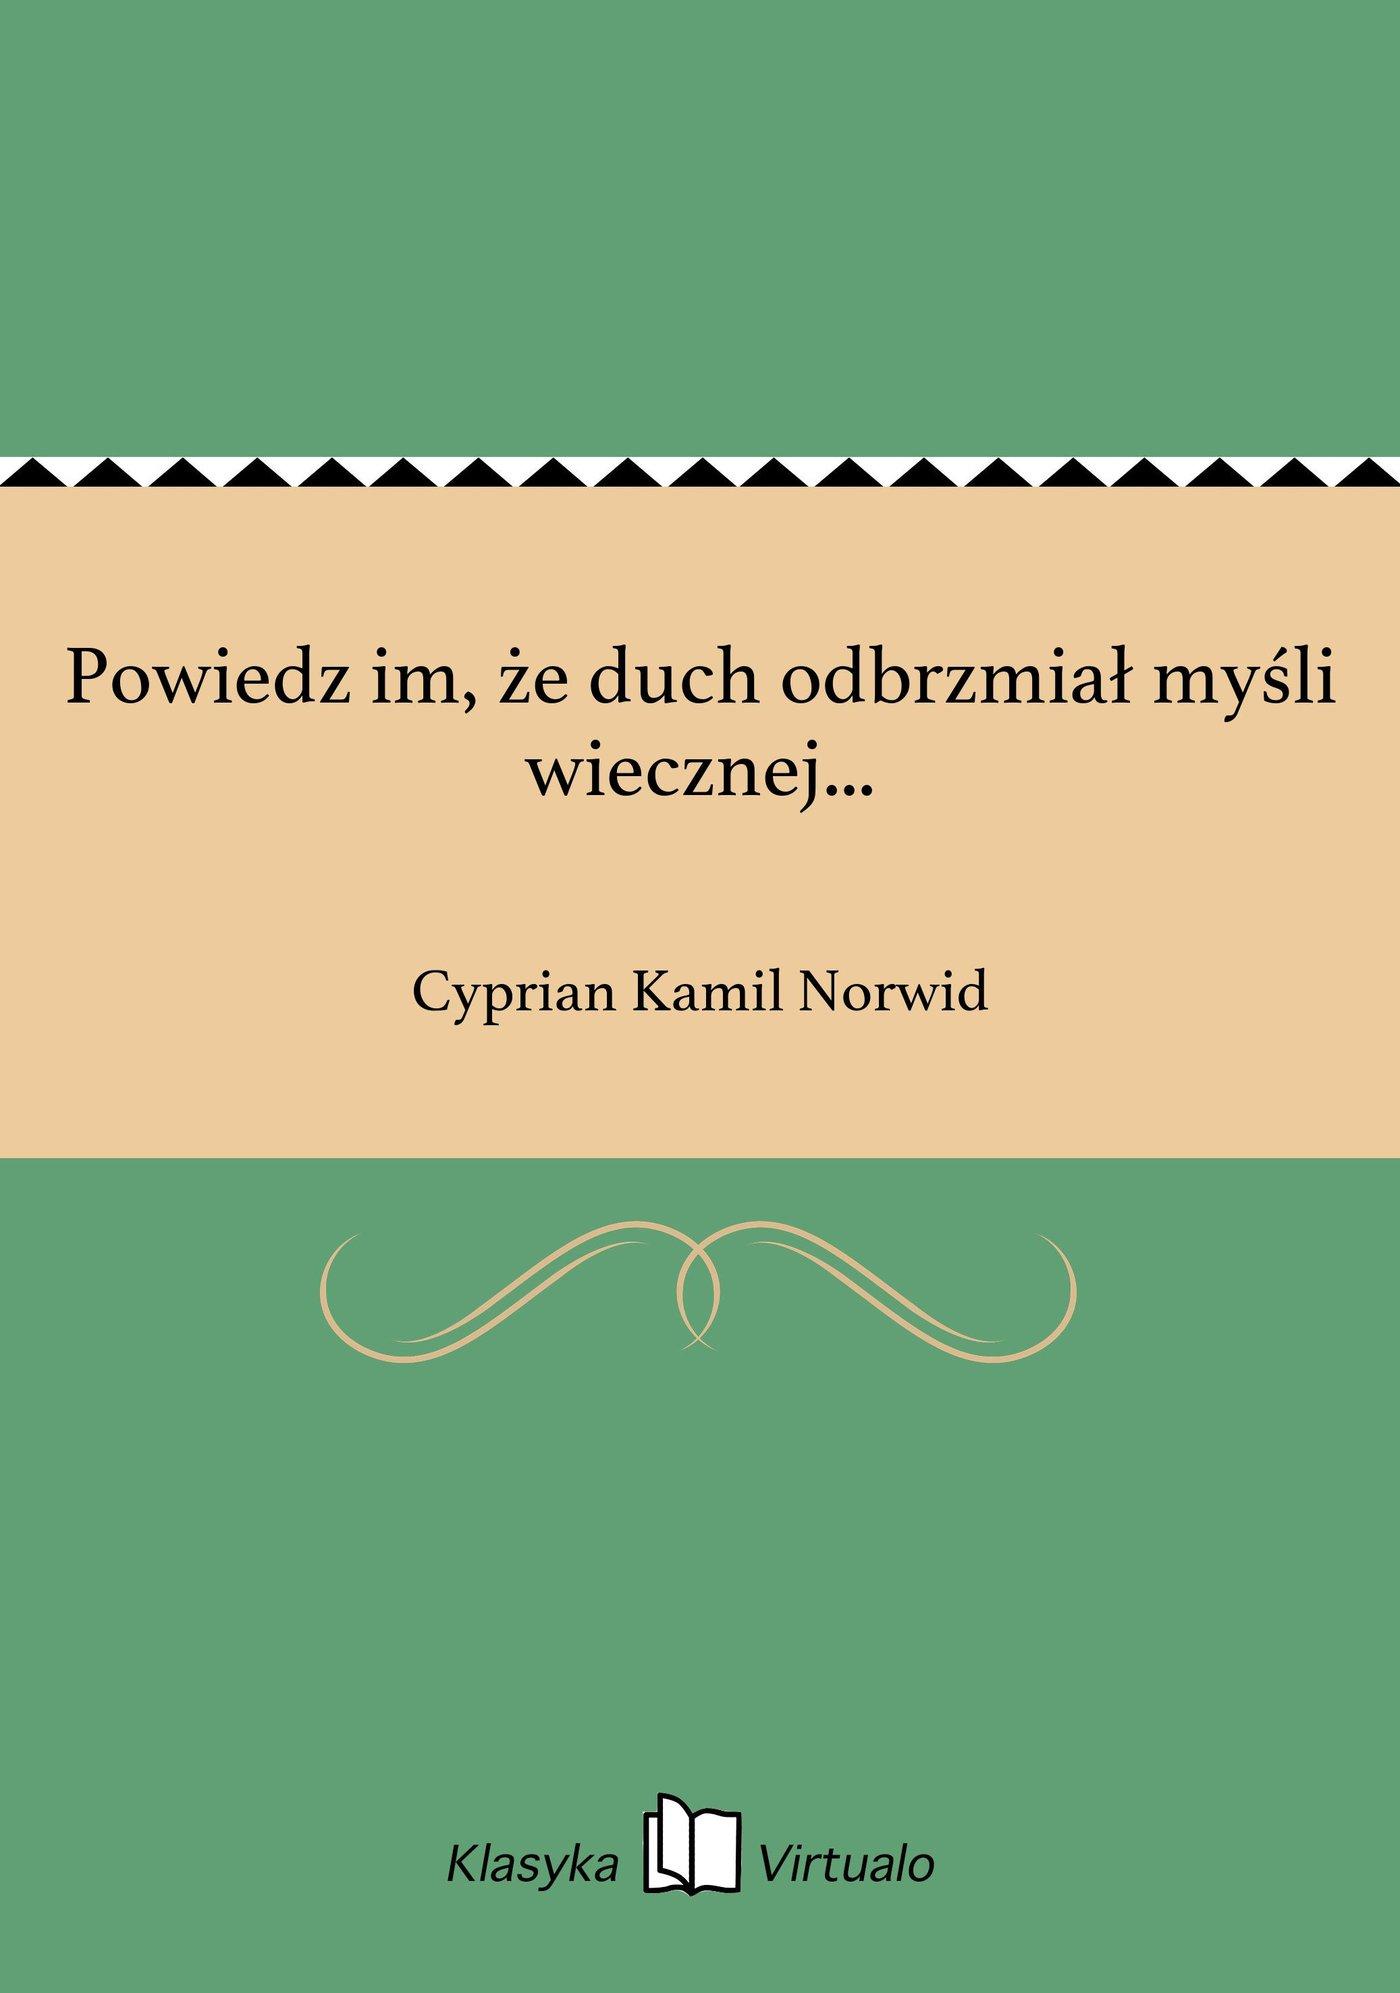 Powiedz im, że duch odbrzmiał myśli wiecznej... - Ebook (Książka na Kindle) do pobrania w formacie MOBI